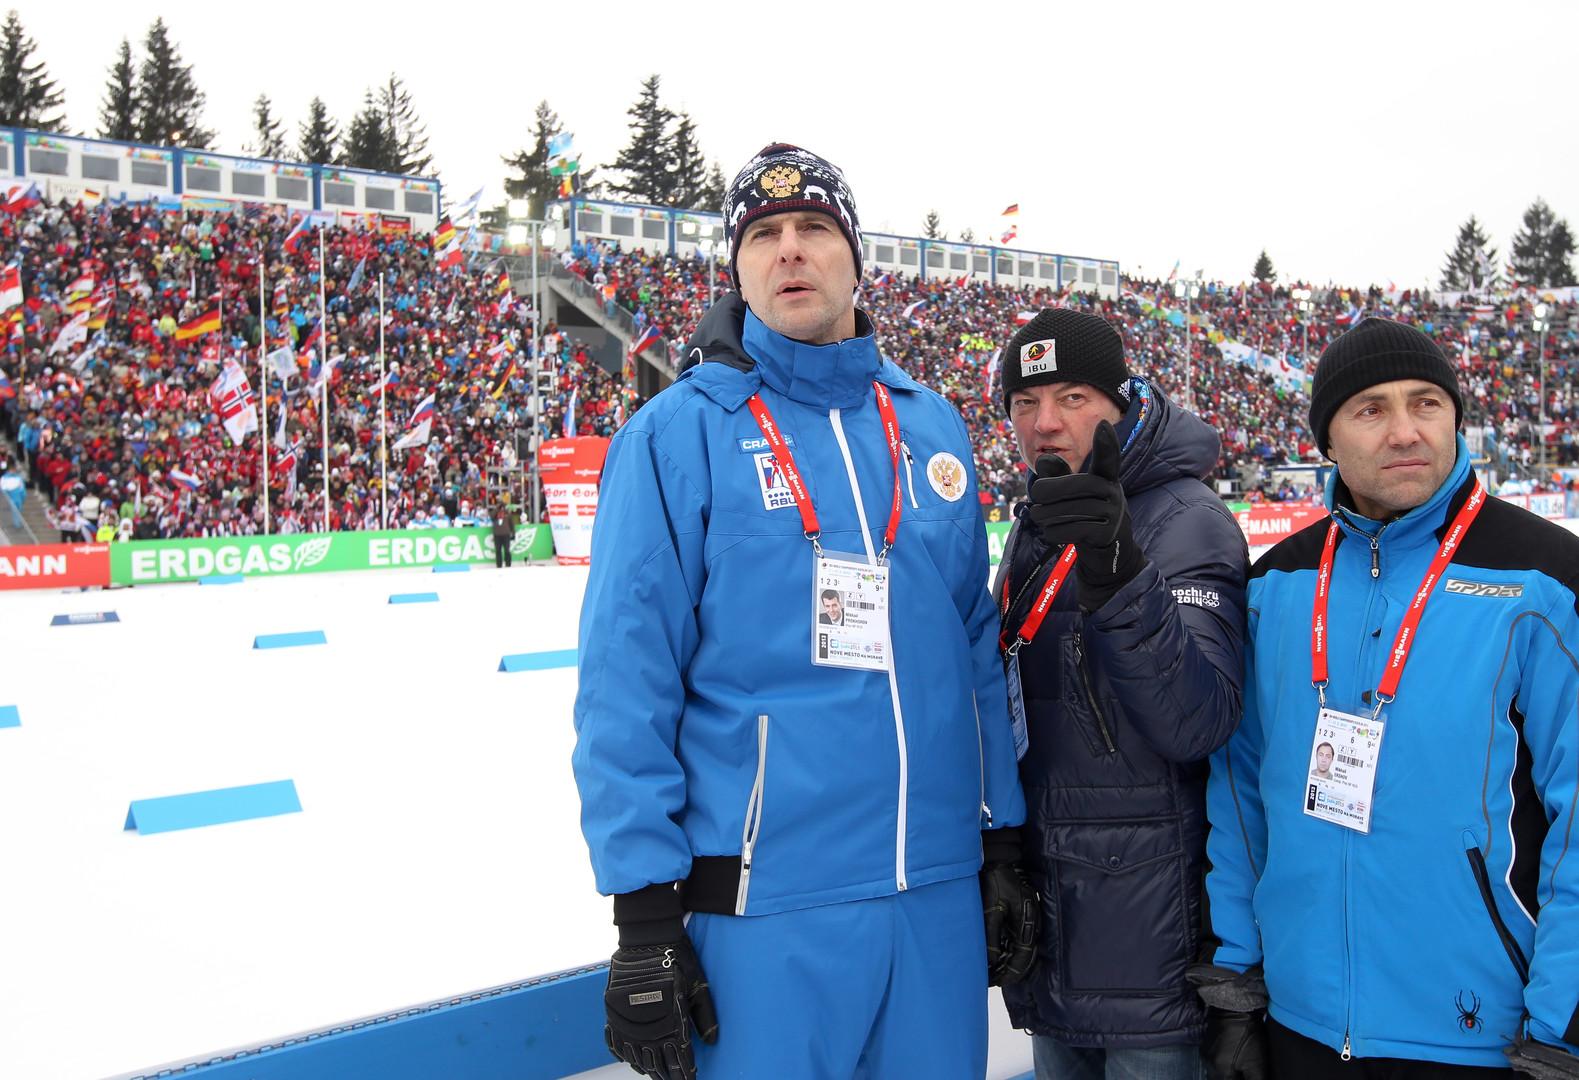 Russland soll zurückschlagen: Milliardär Michail Prochorow zum Umgang mit Doping-Vorwürfen